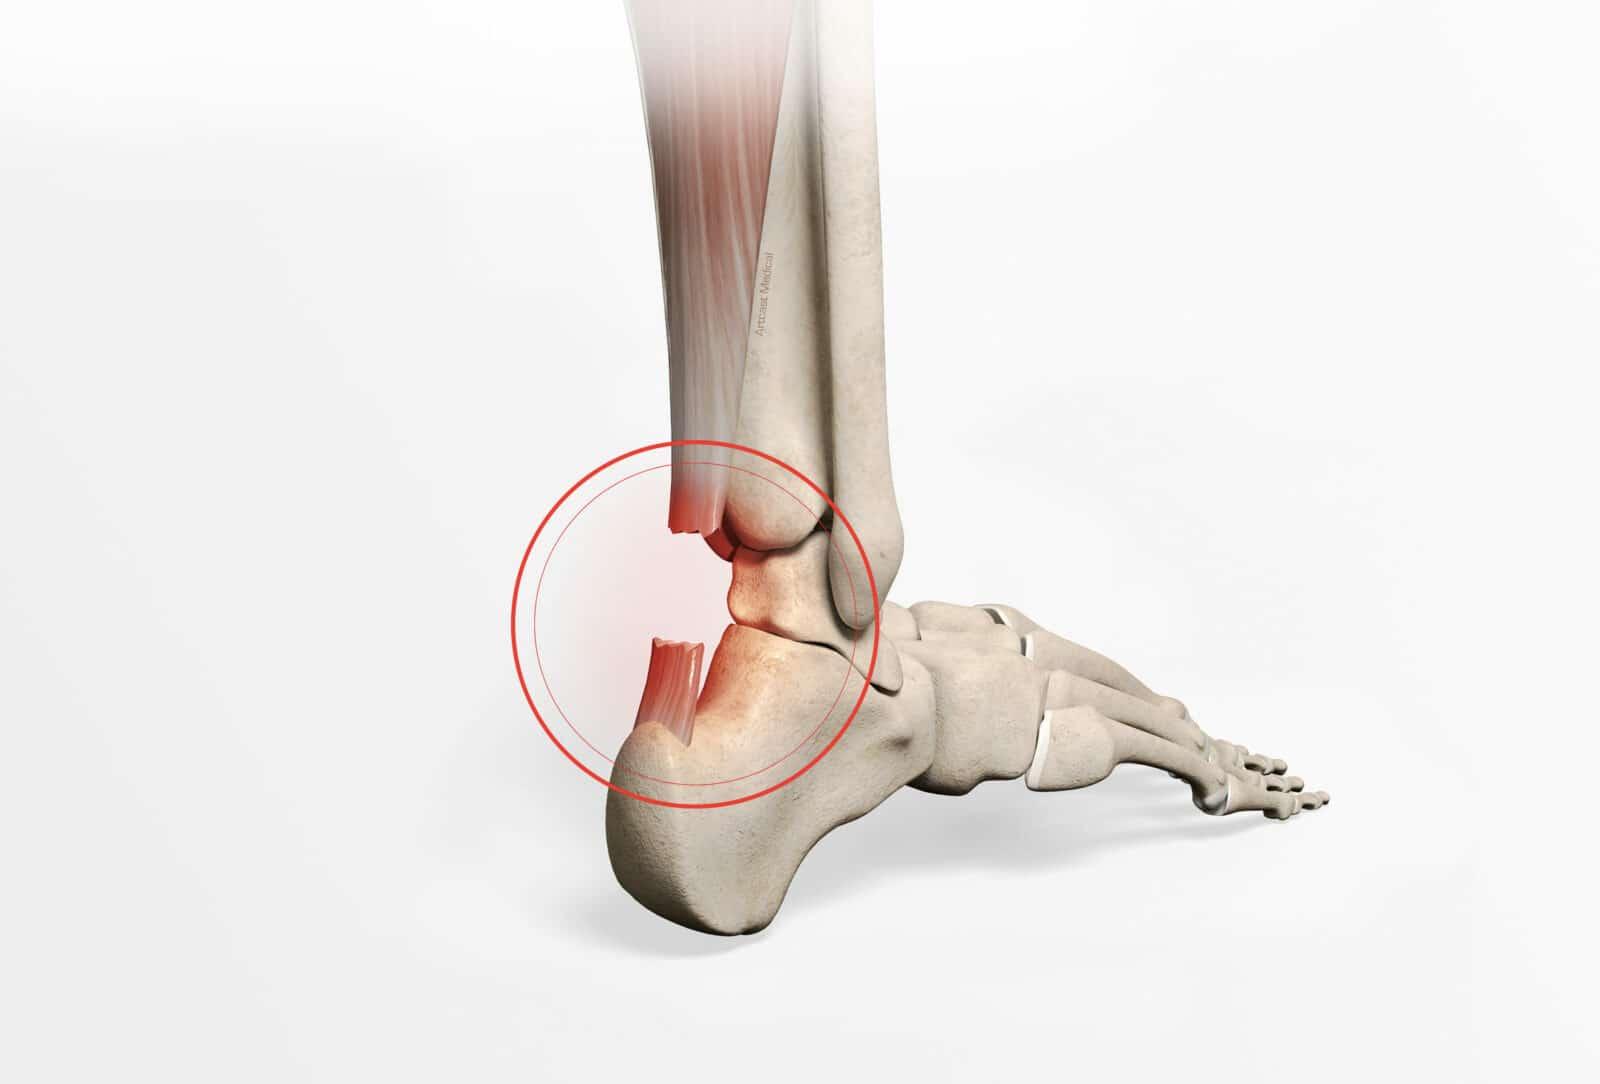 Rupture tendon d'Achille: Diagnostic et traitement à Paris - Dr Paillard